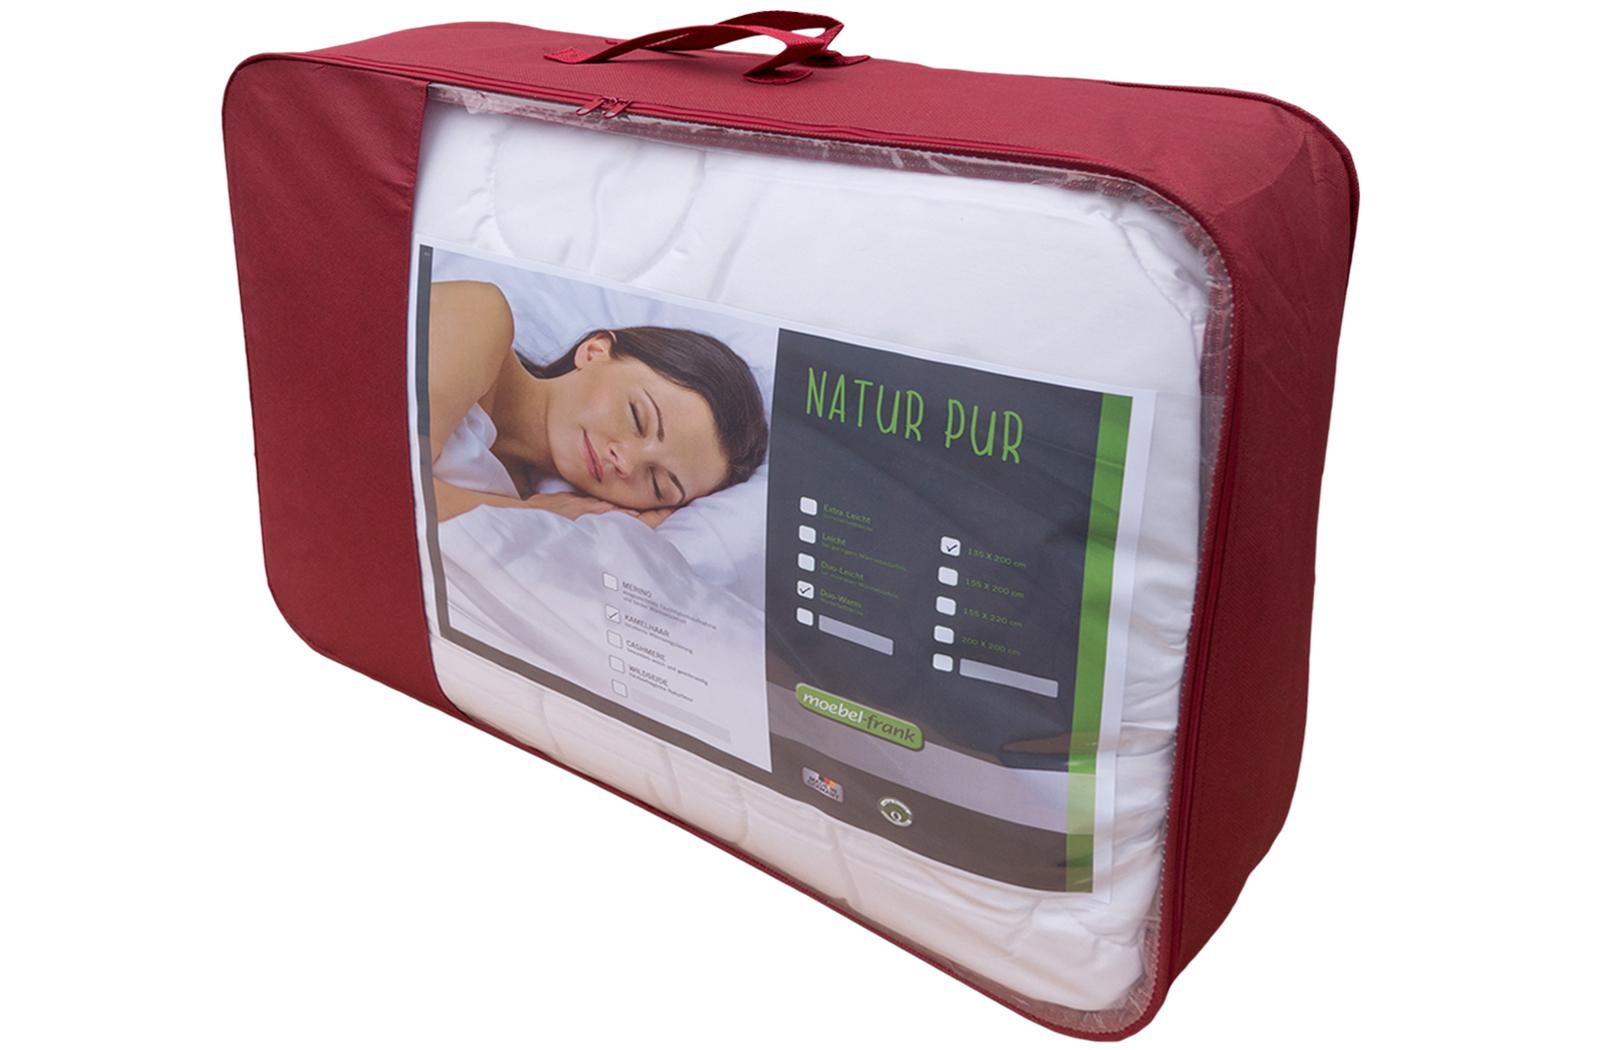 Bettdecke Kamelhaar Sommer Bett Decke Steppbett Kamelhaardecke Karel – Bild 5